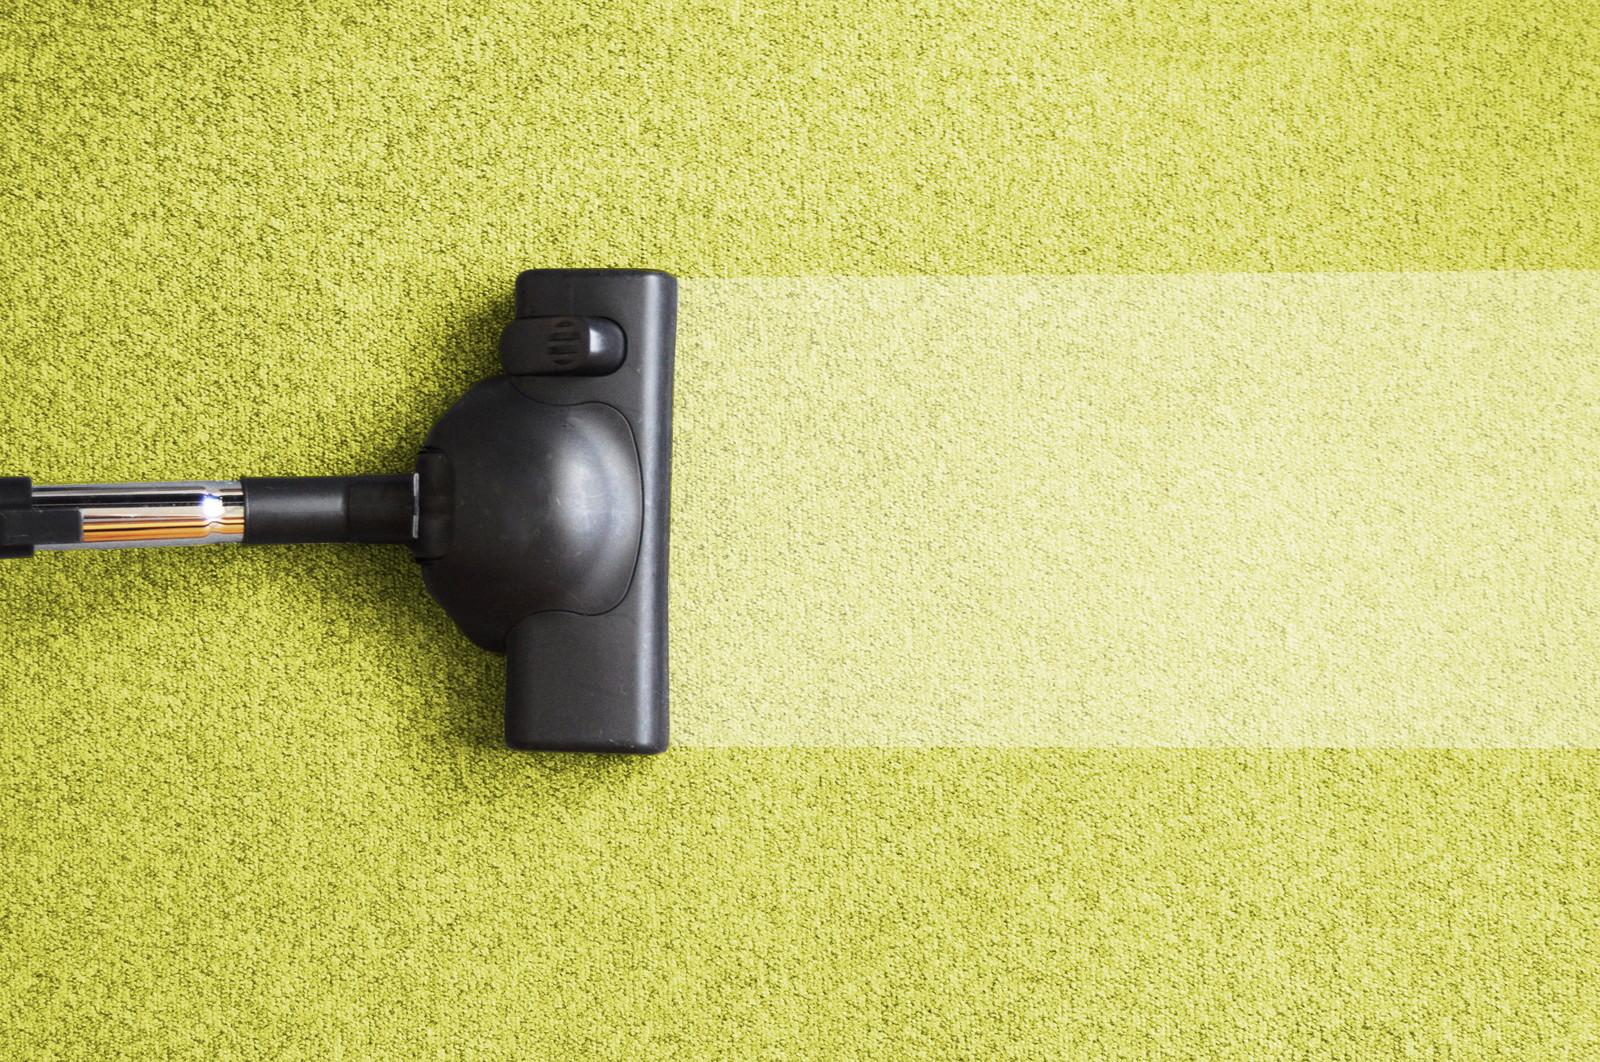 C mo limpiar alfombras correctamente blog de dia - Como limpiar alfombras en casa ...